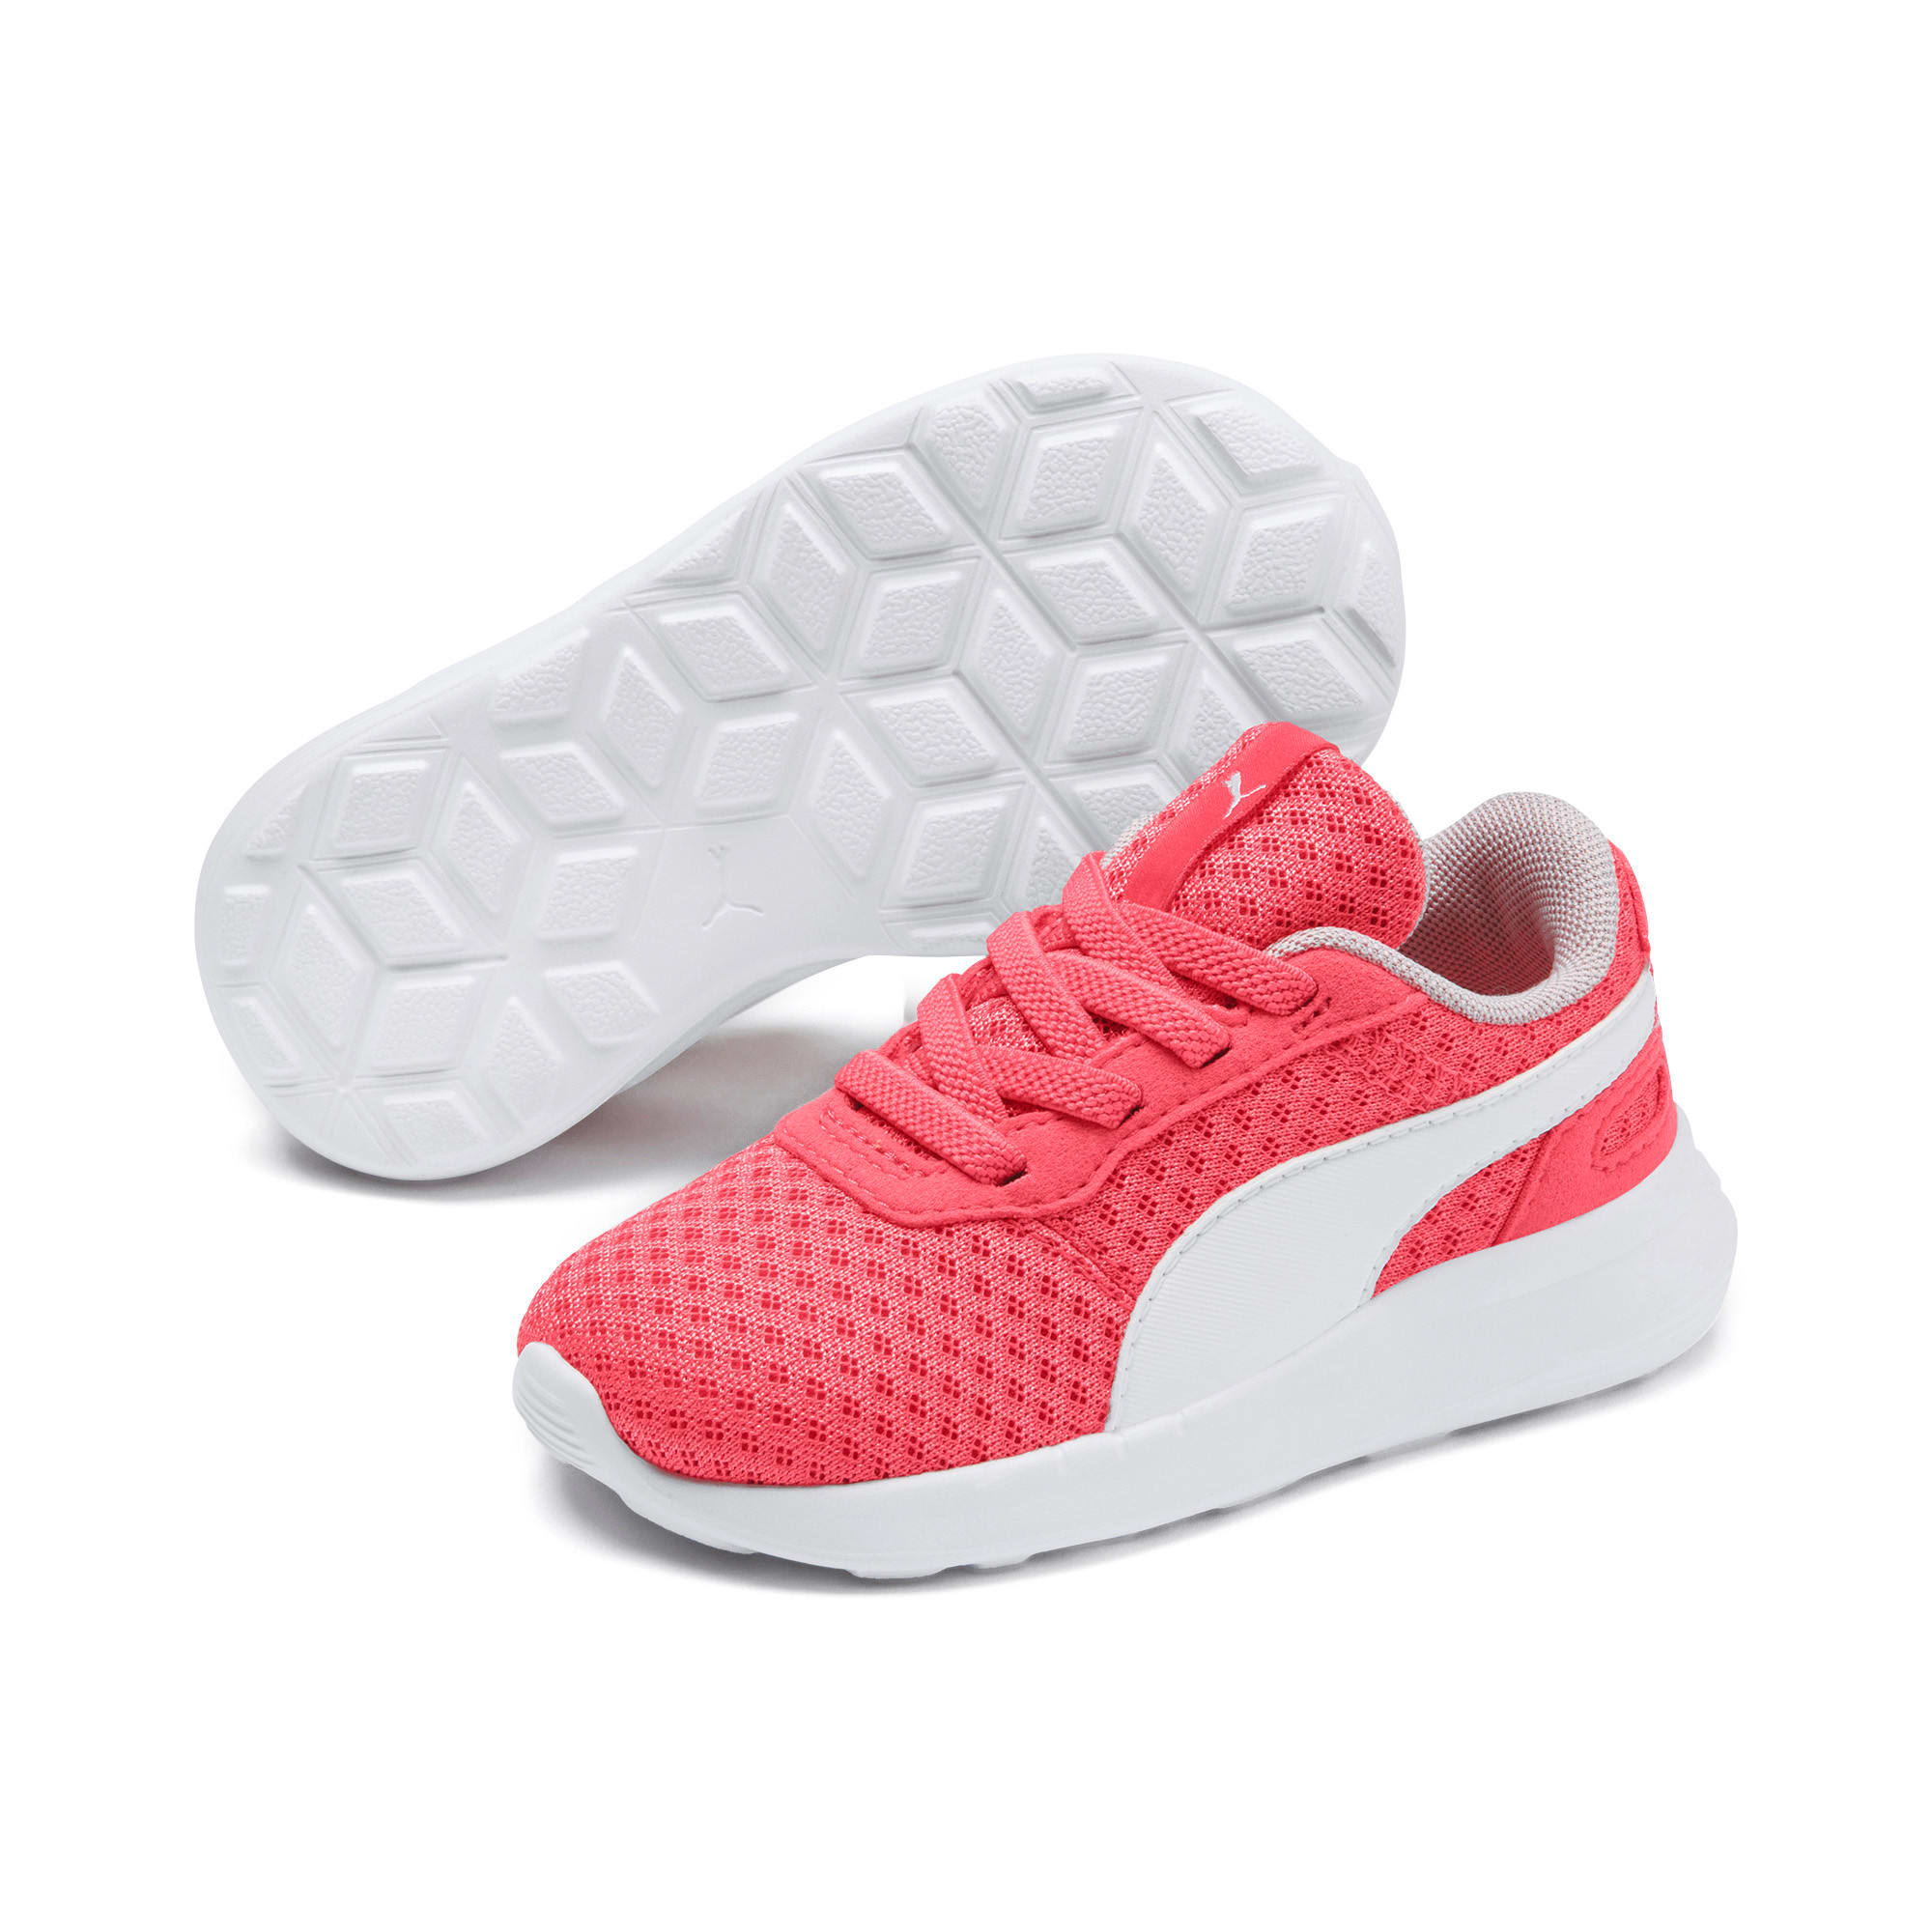 Miniatura 2 de Zapatos ST Activate AC para bebé, Calypso Coral-Puma White, mediano